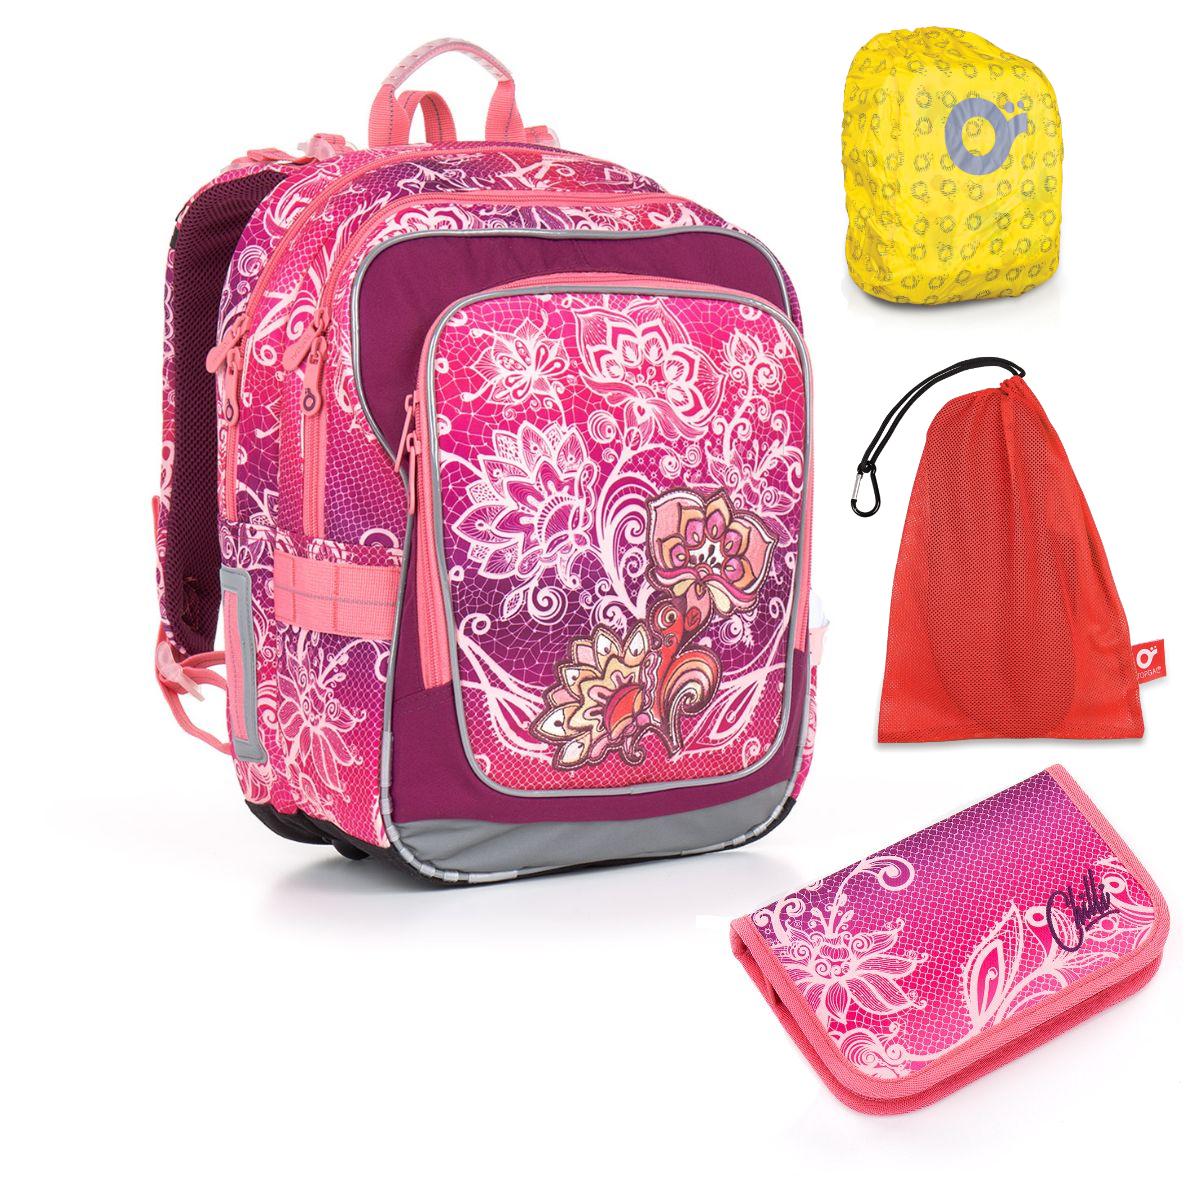 Topgal 4 dílný školní set CHI 863 H Pink Set Large